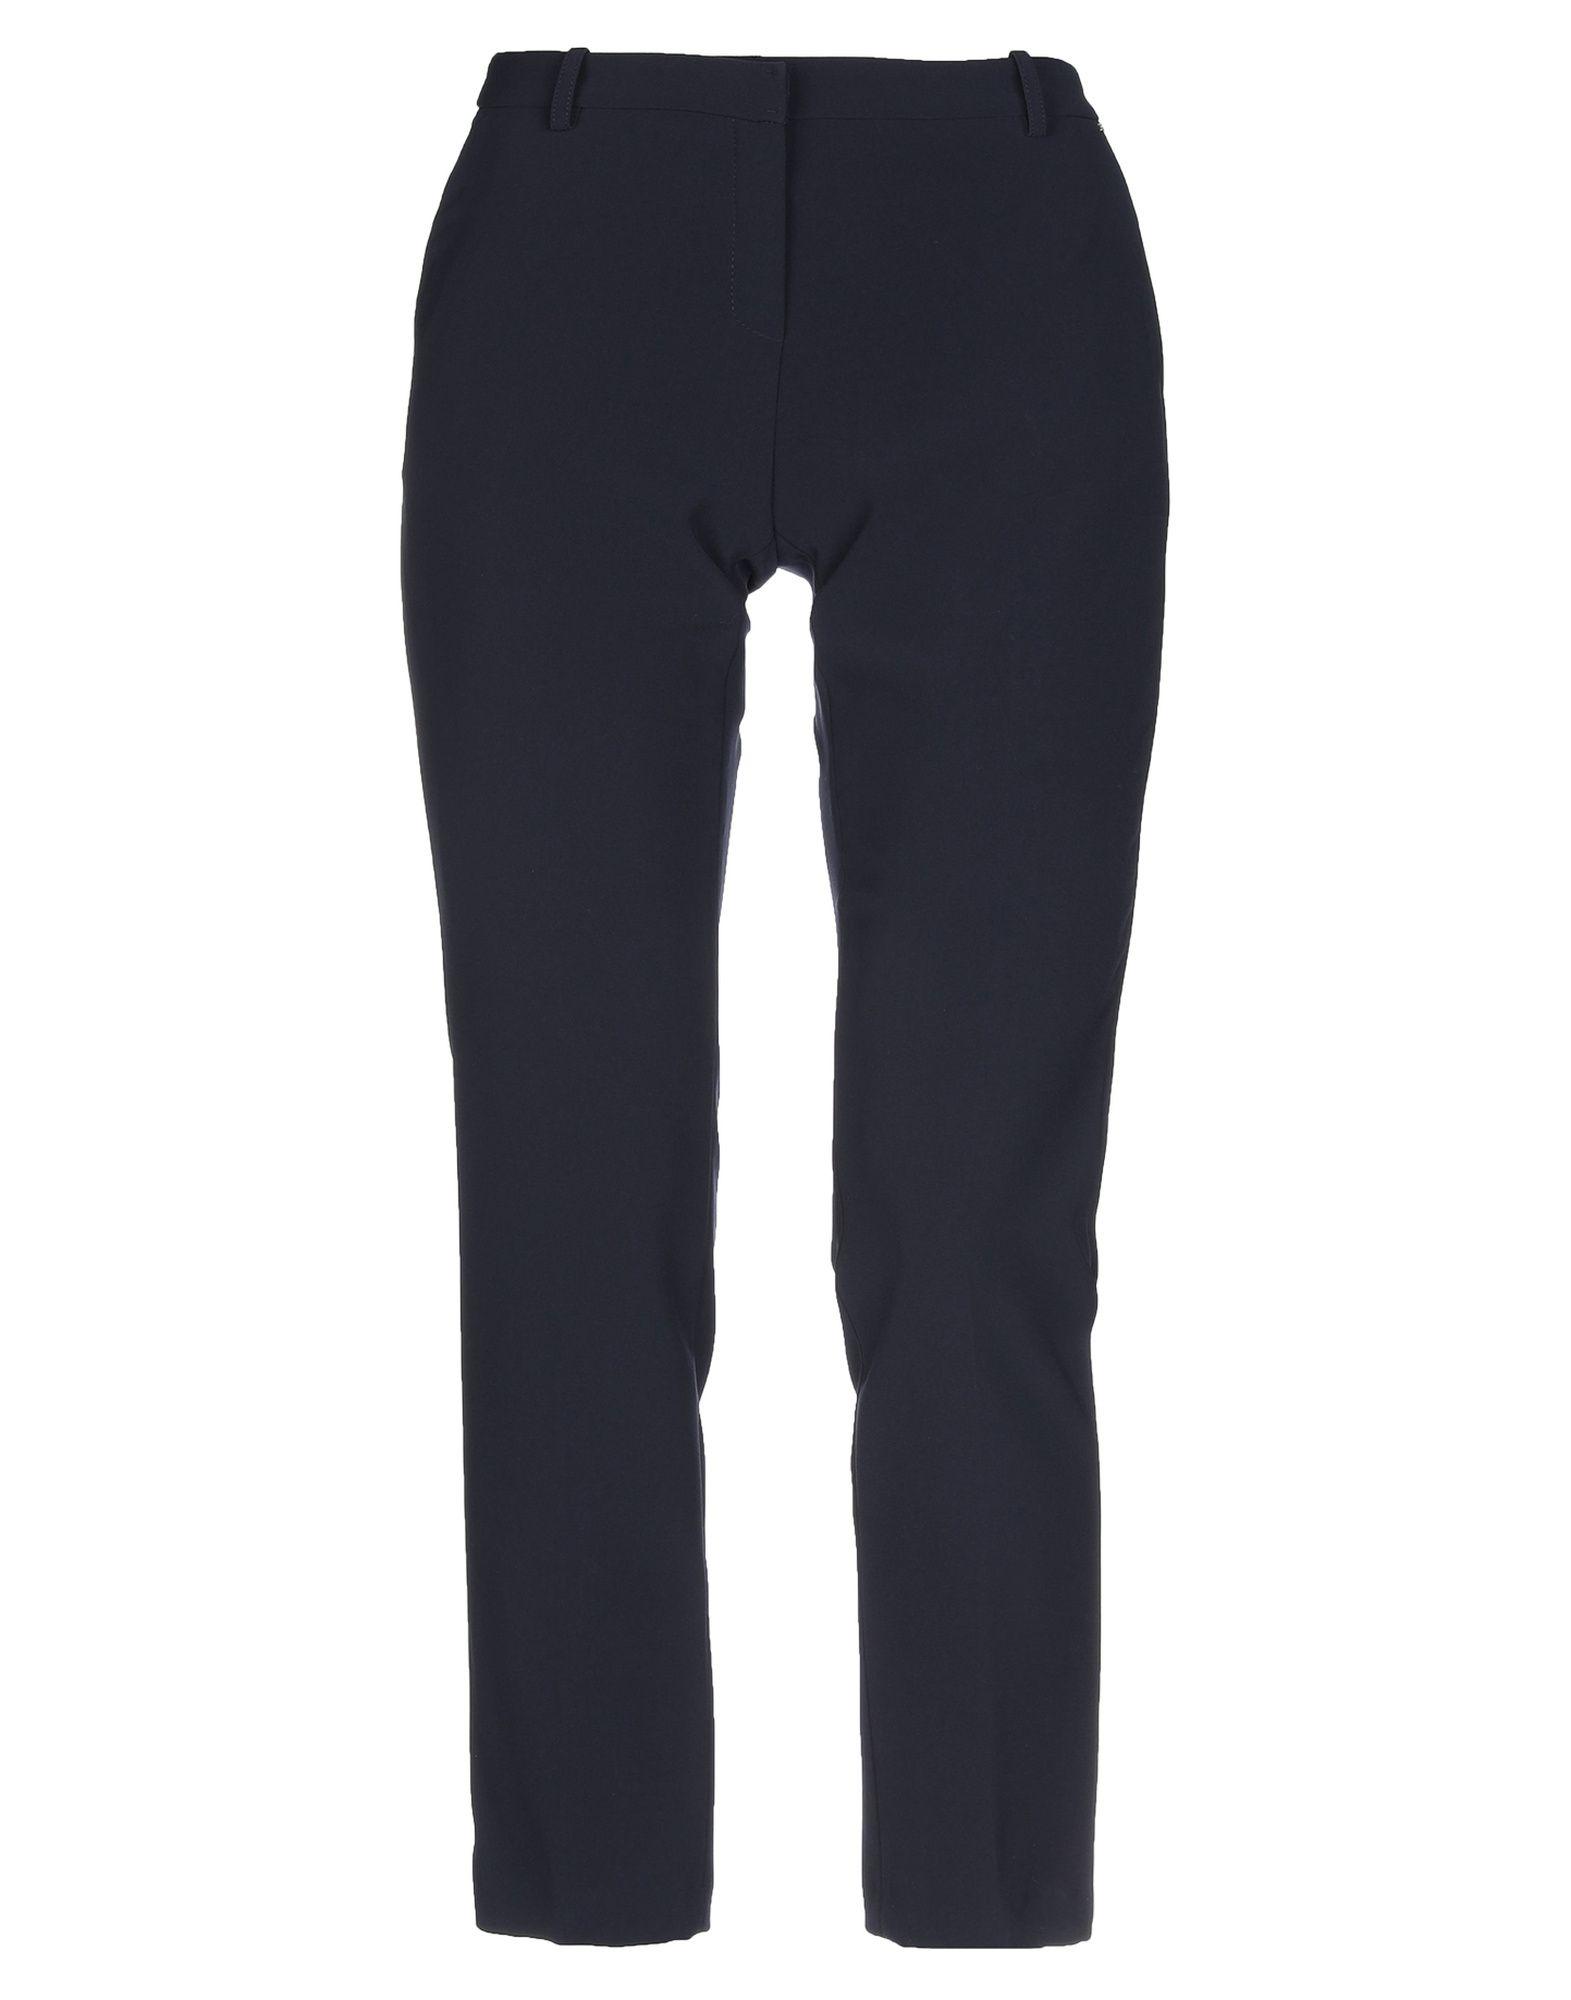 Pantalone Elisabetta Elisabetta Fran  donna - 36959882RC  Auslauf